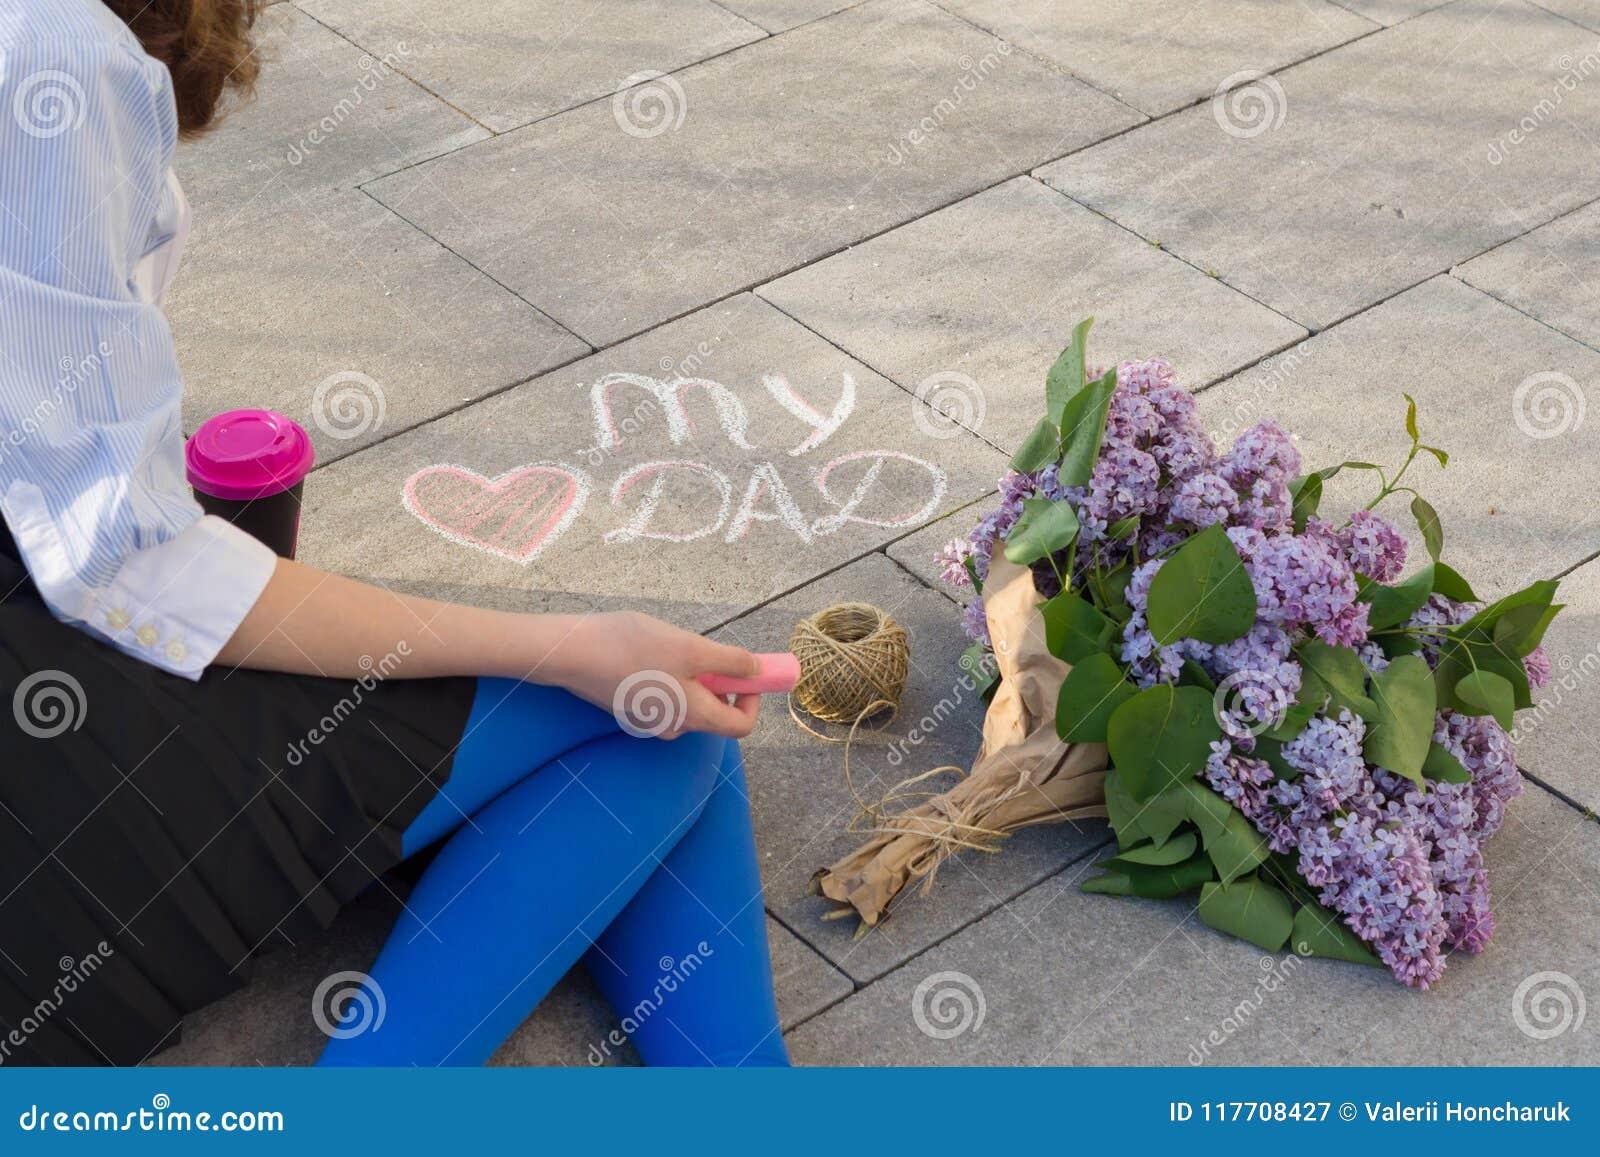 父亲` s天问候概念女儿在我的爱爸爸和心脏沥青文本画  淡紫色花背景花束